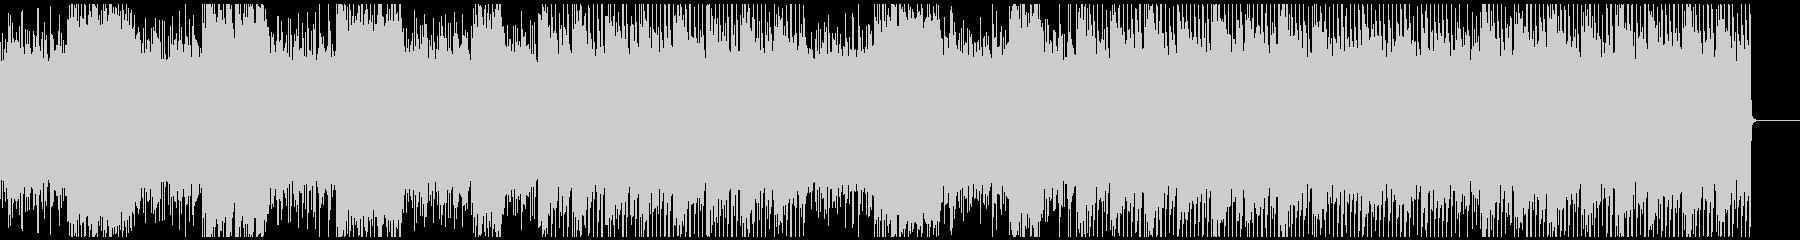 アコースティックセンチメンタル#26−3の未再生の波形